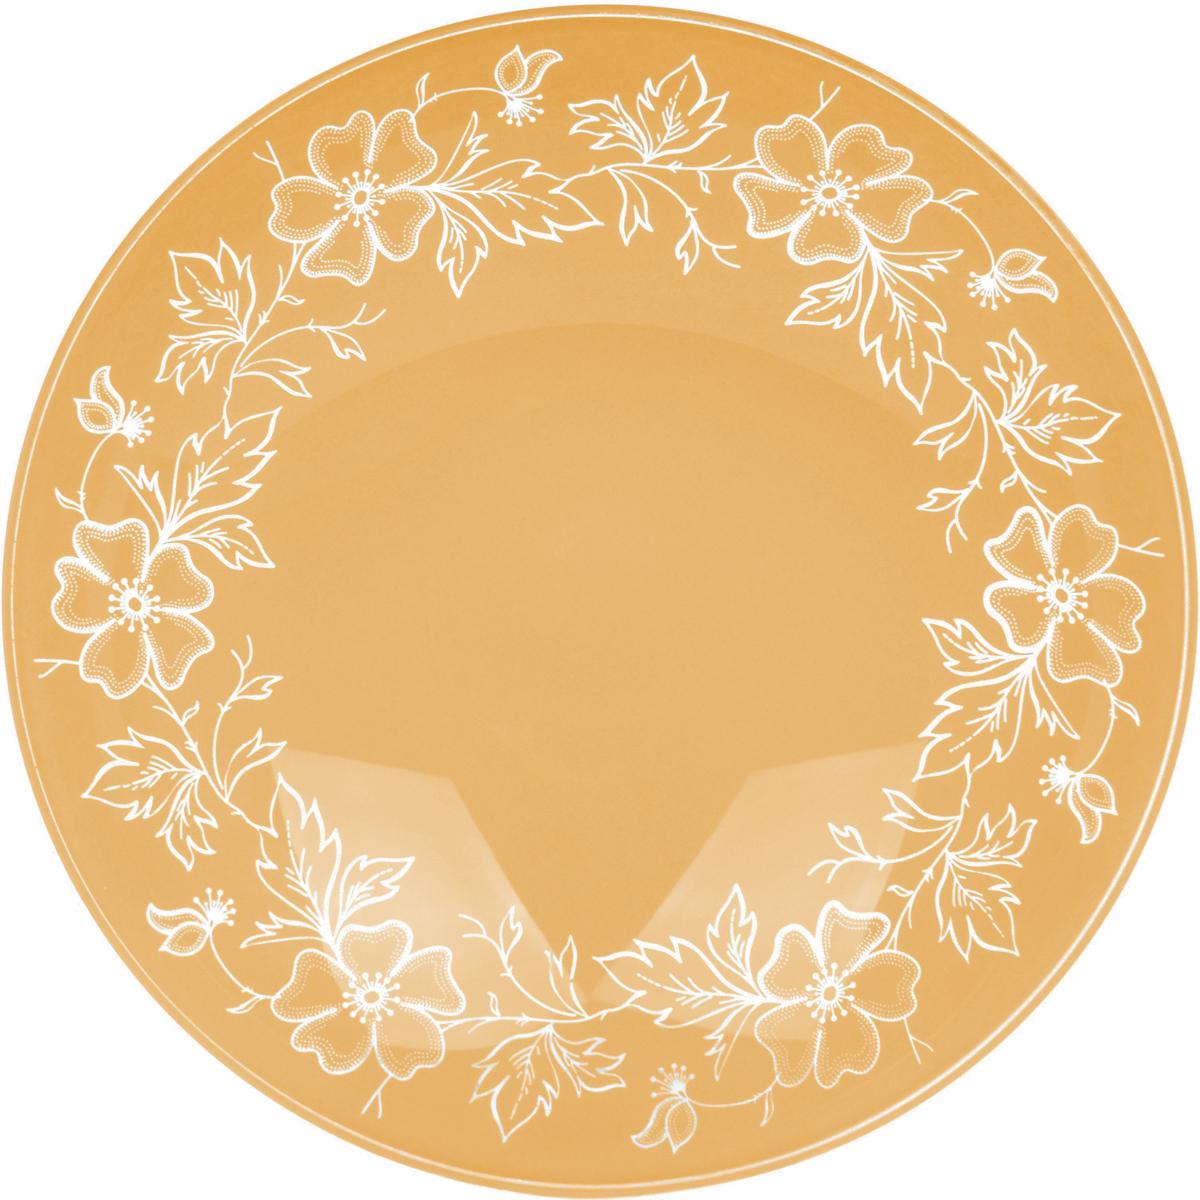 Тарелка Nina Glass Лара, цвет: оранжевый, диаметр 20 смNG85-200-075AСтеклянная посуда Никольского завода светотехнического стекла, известная под торговой маркой NinaGlass, успешно продается в российских магазинах. Продукция выглядит презентабельно, ассортимент весьма широк. Яркие, емкие, приятные тактильно салатники будут шикарно смотреться на обеденном столе. Салатники и блюда предназначены для сервировки стола. Пригодны для ежедневного использования.Цветные салатники и тарелки NinaGlass нельзя использовать в СВЧ и мыть в ПММ.